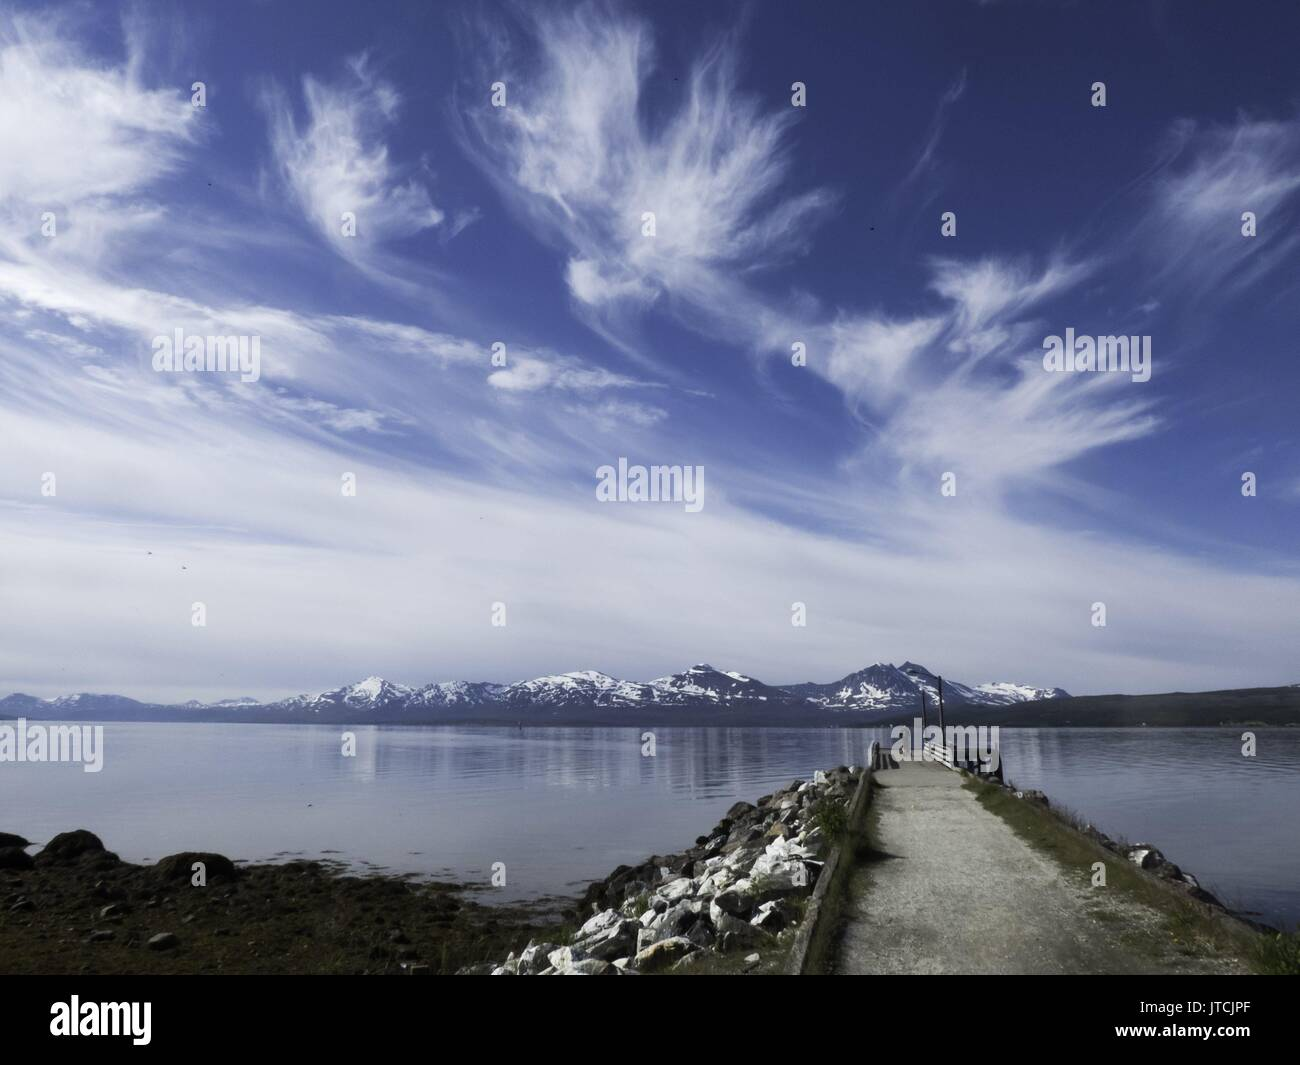 lif scenery norway weather stock photos & lif scenery norway weather